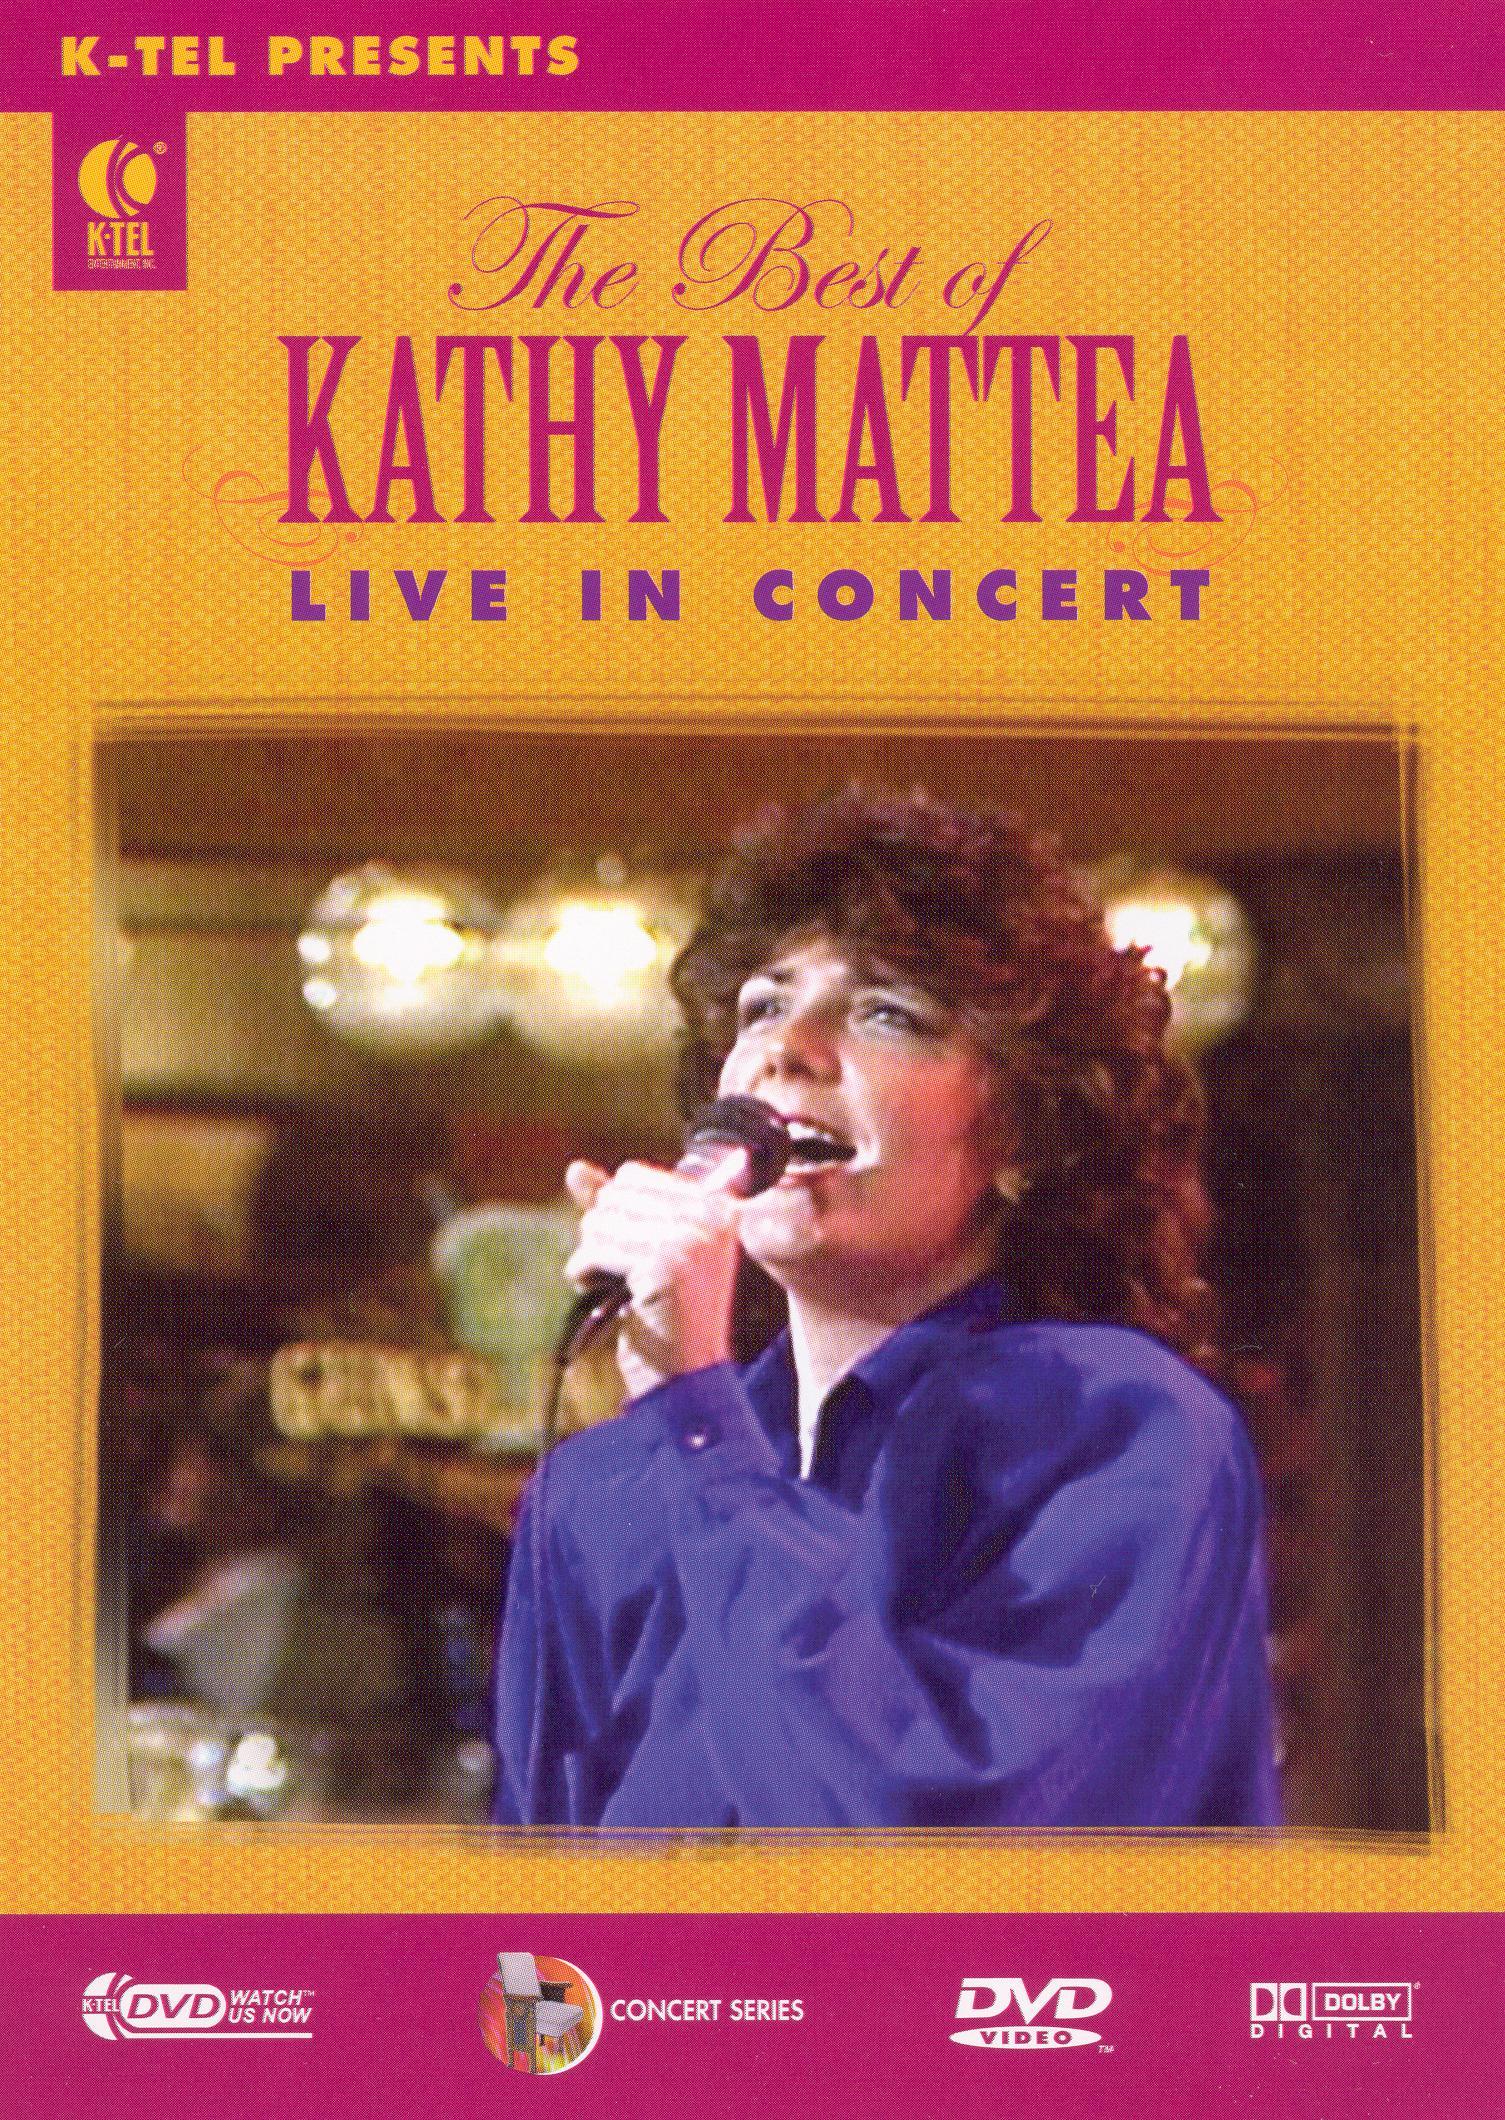 Kathy Mattea: The Best of Kathy Mattea - Live in Concert